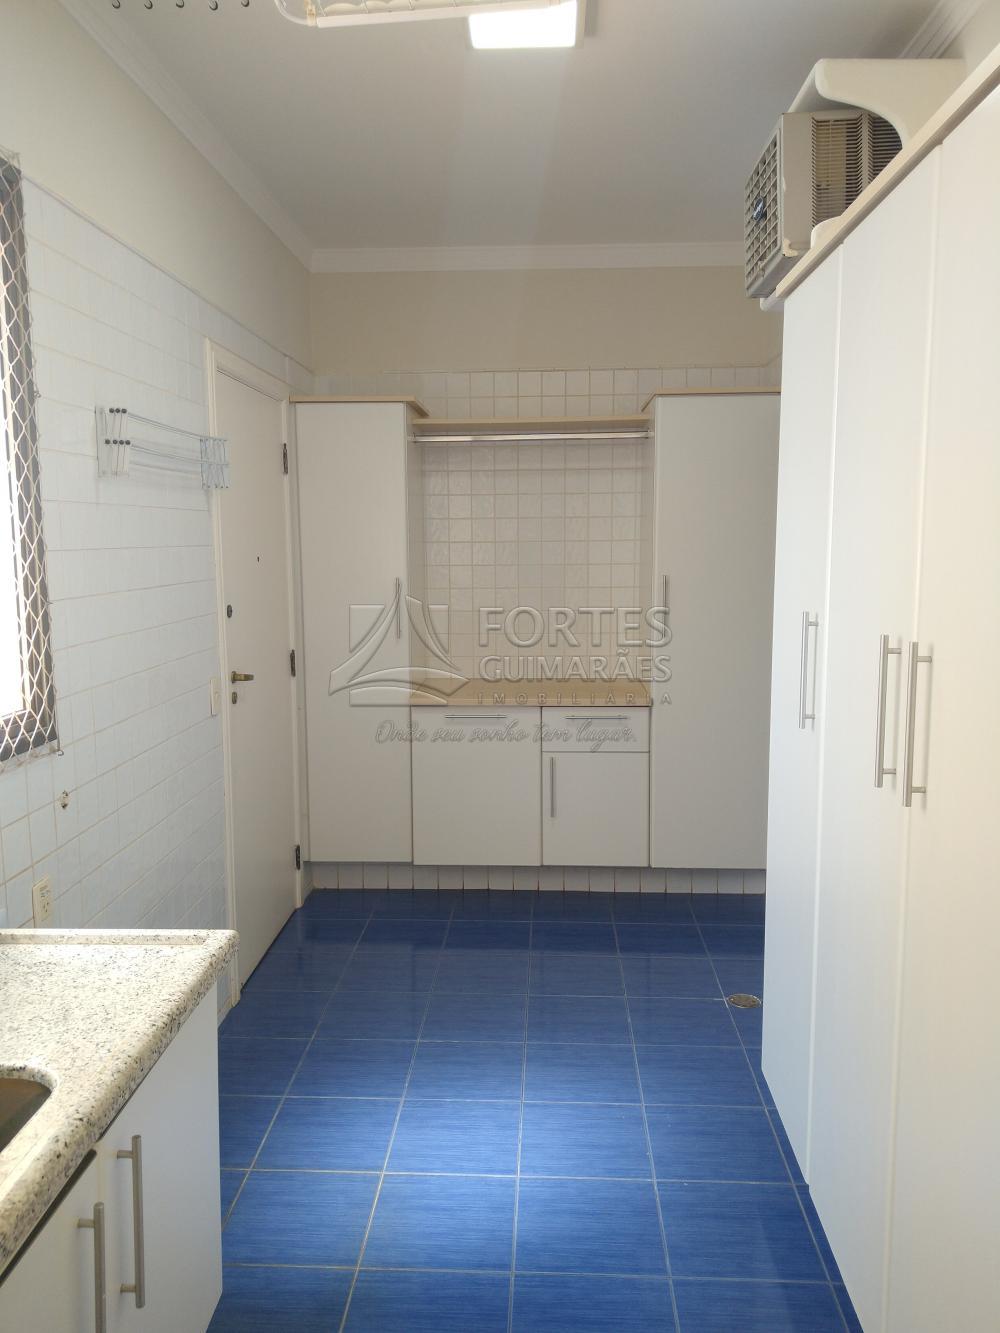 Alugar Apartamentos / Padrão em Ribeirão Preto apenas R$ 3.000,00 - Foto 57